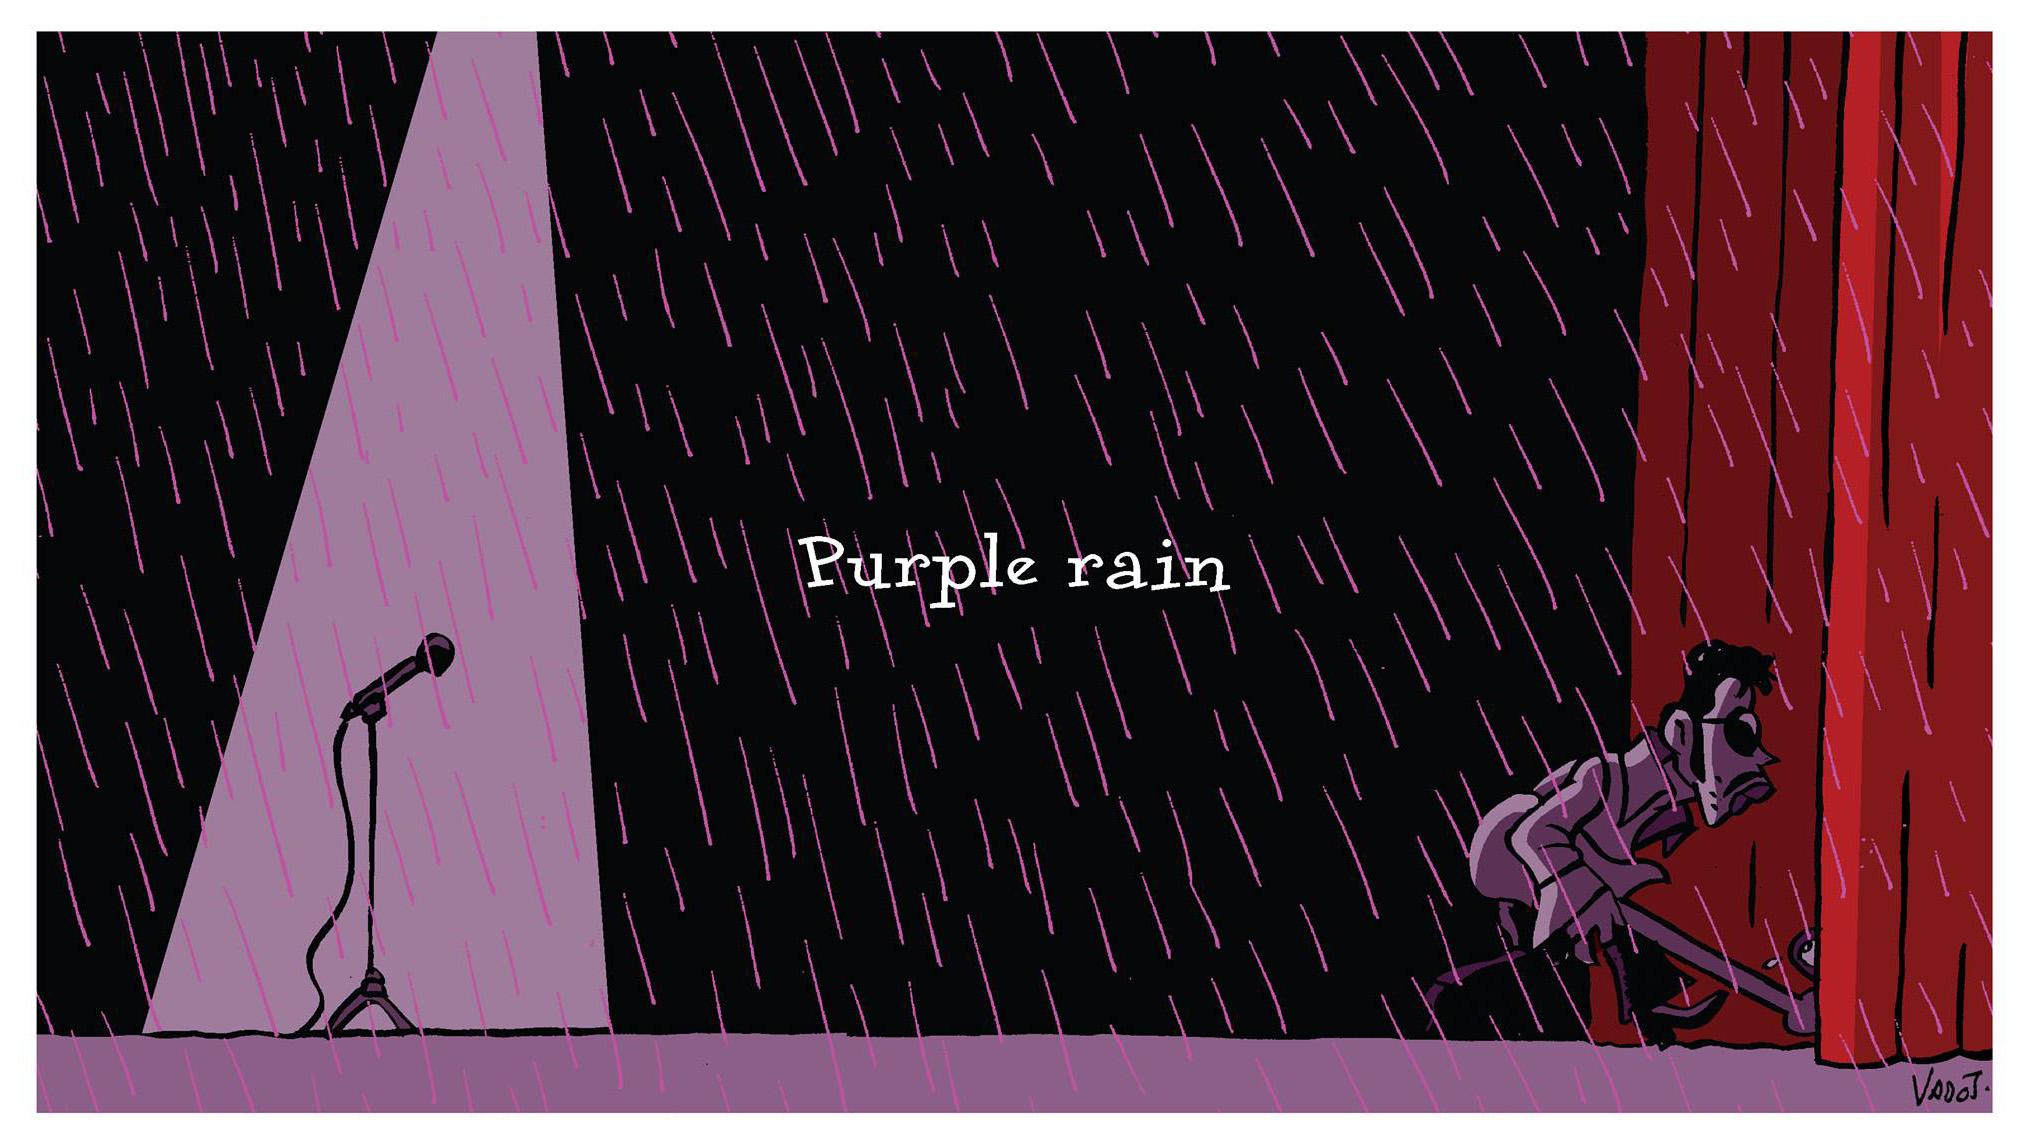 Nicolas Vadot's cartoon remembering Prince